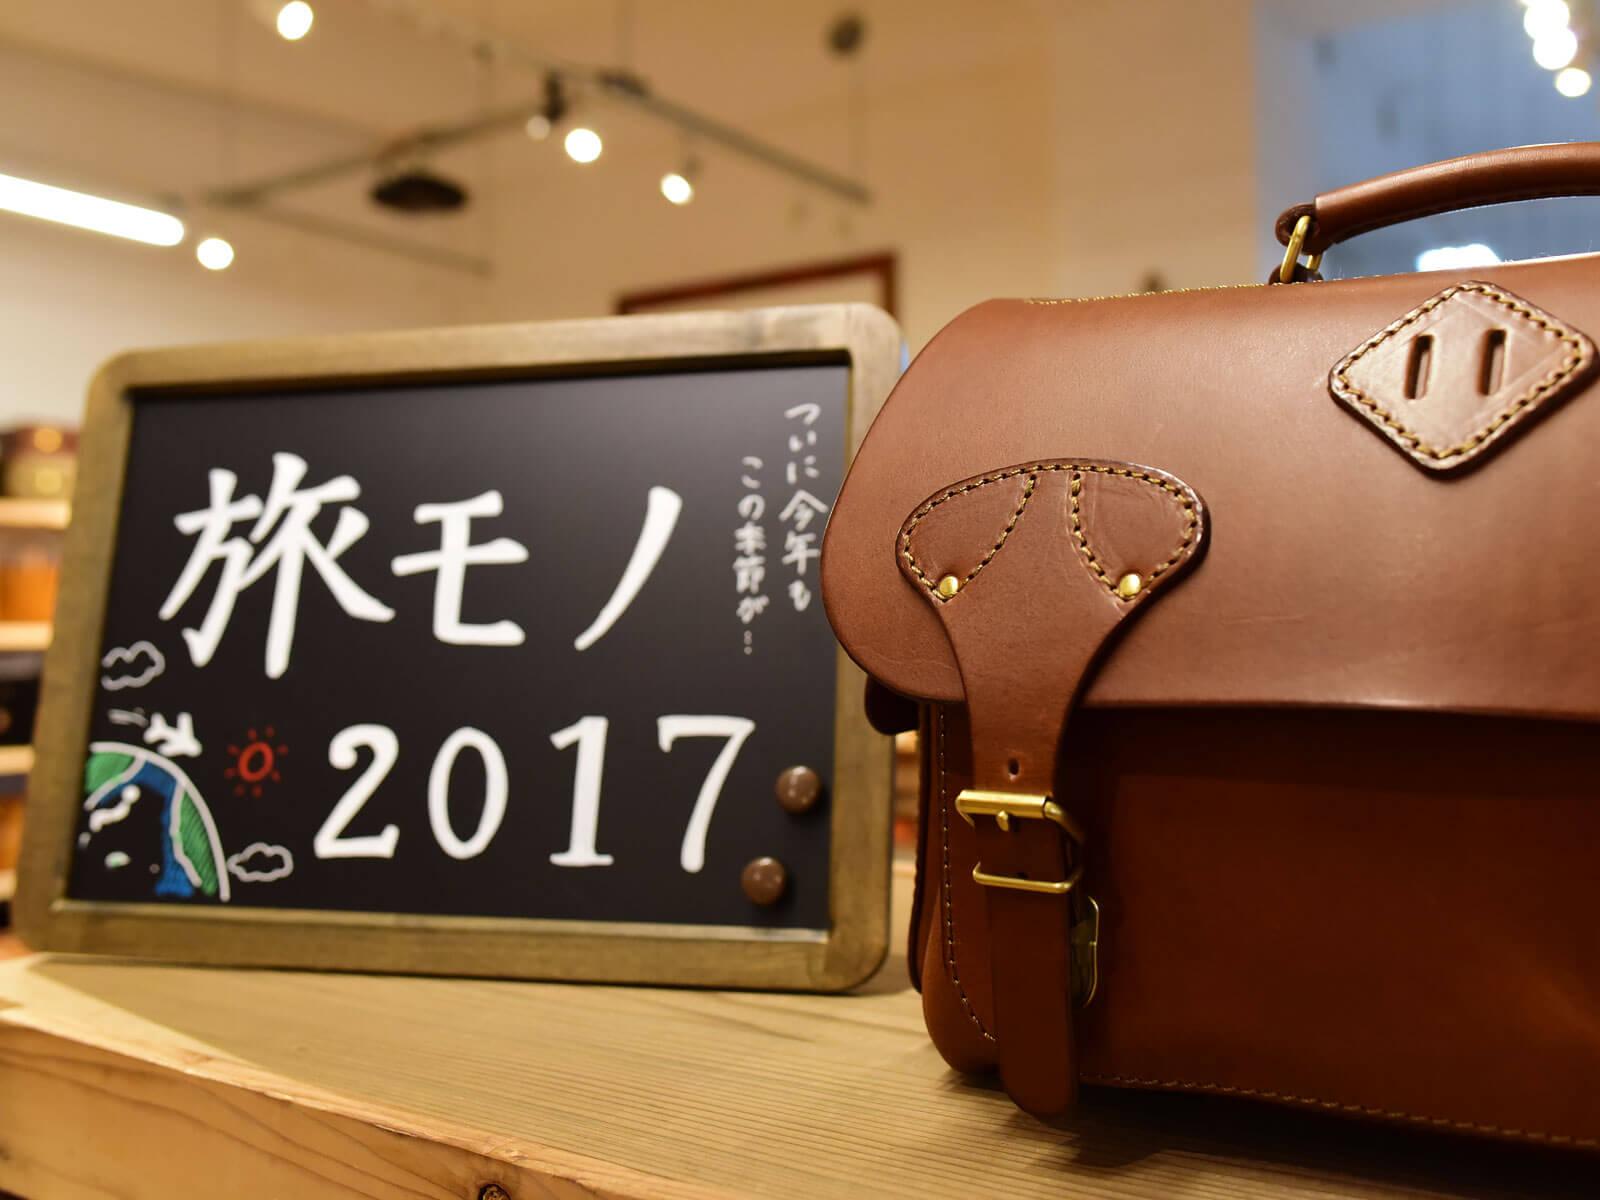 旅モノ2017 本店でも販売スタートしています